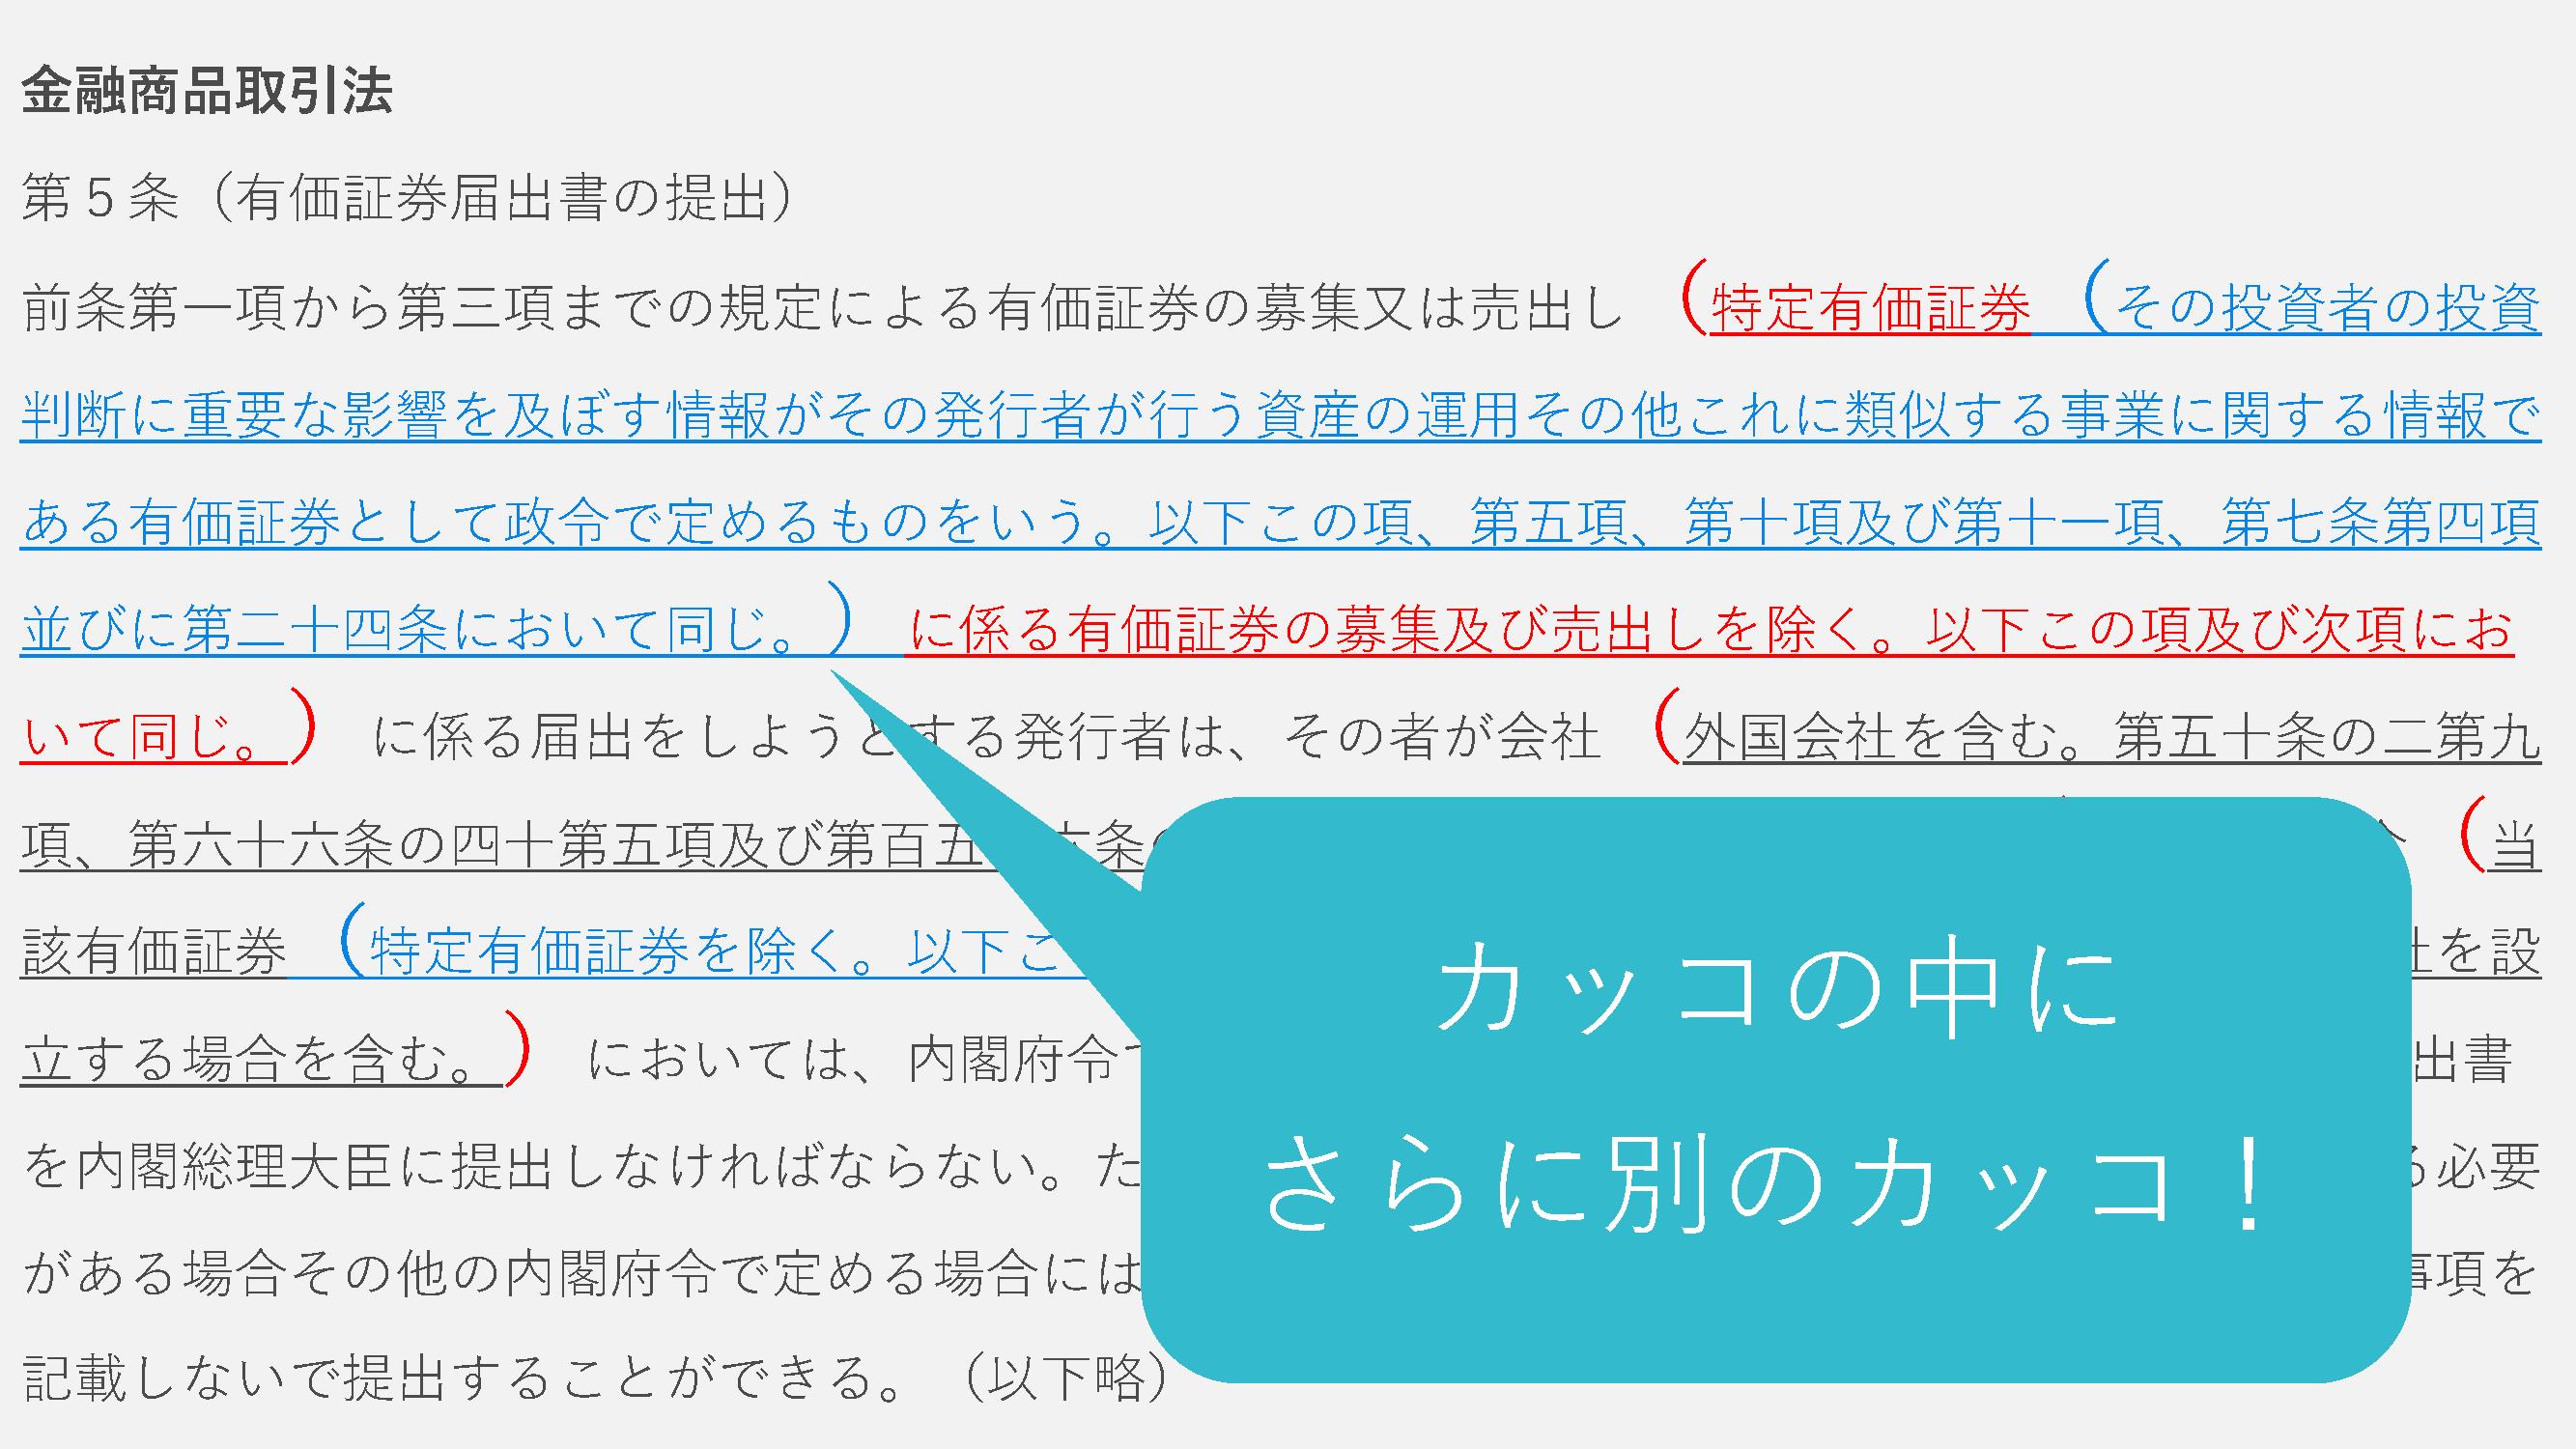 GGAプレゼン資料 2_アップ用_ページ_7.png